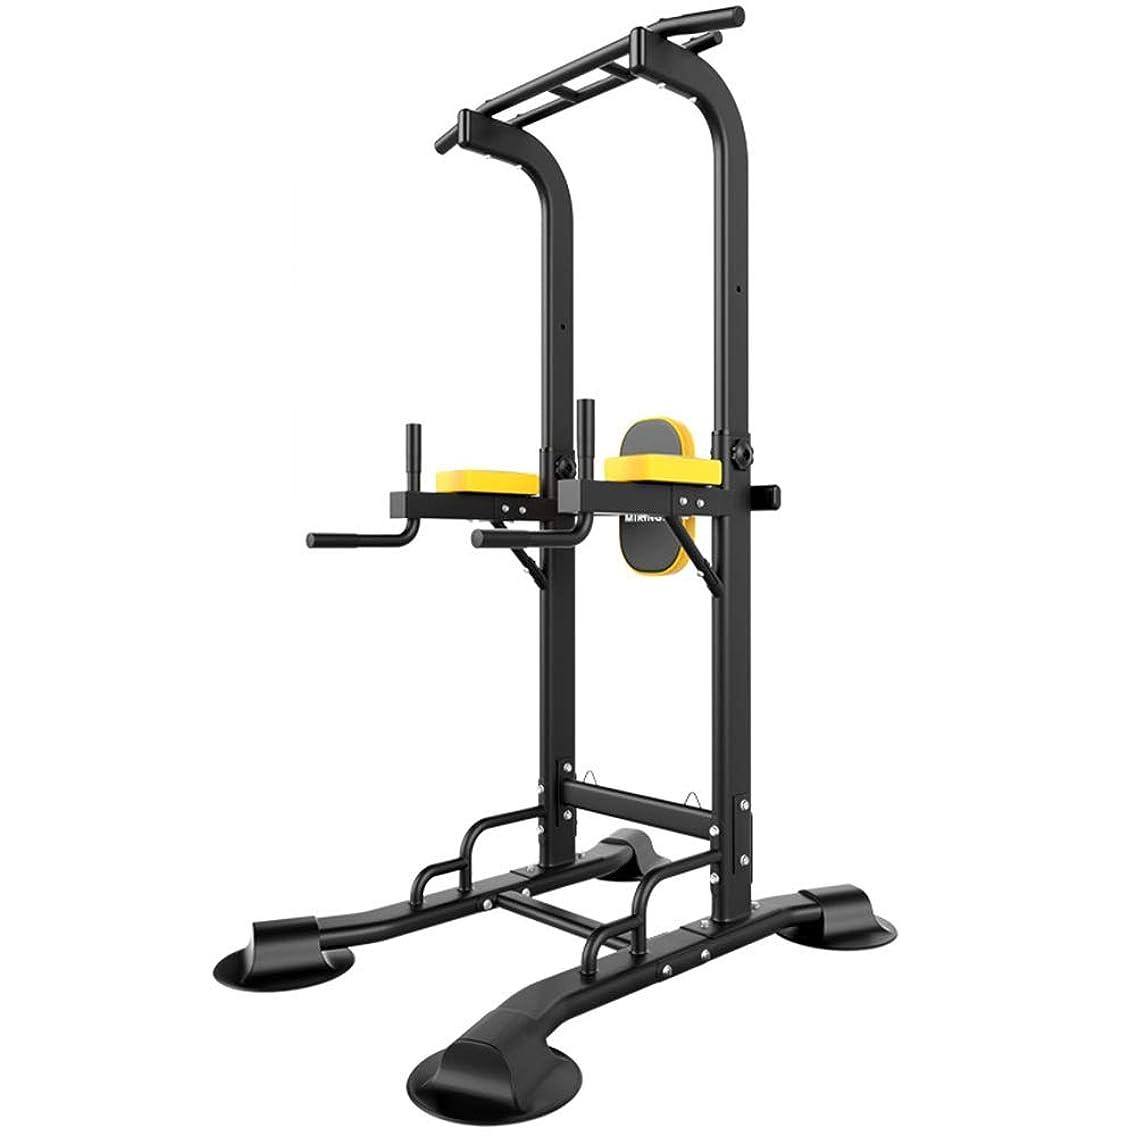 好き改善するもつれディップステーション垂直膝レイズ多機能VKRタワー筋力トレーニングAbレイズマッスルビルディングプルアップマシン用ホームとジム (色 : ブラック, サイズ : 155*120*77.9CM)